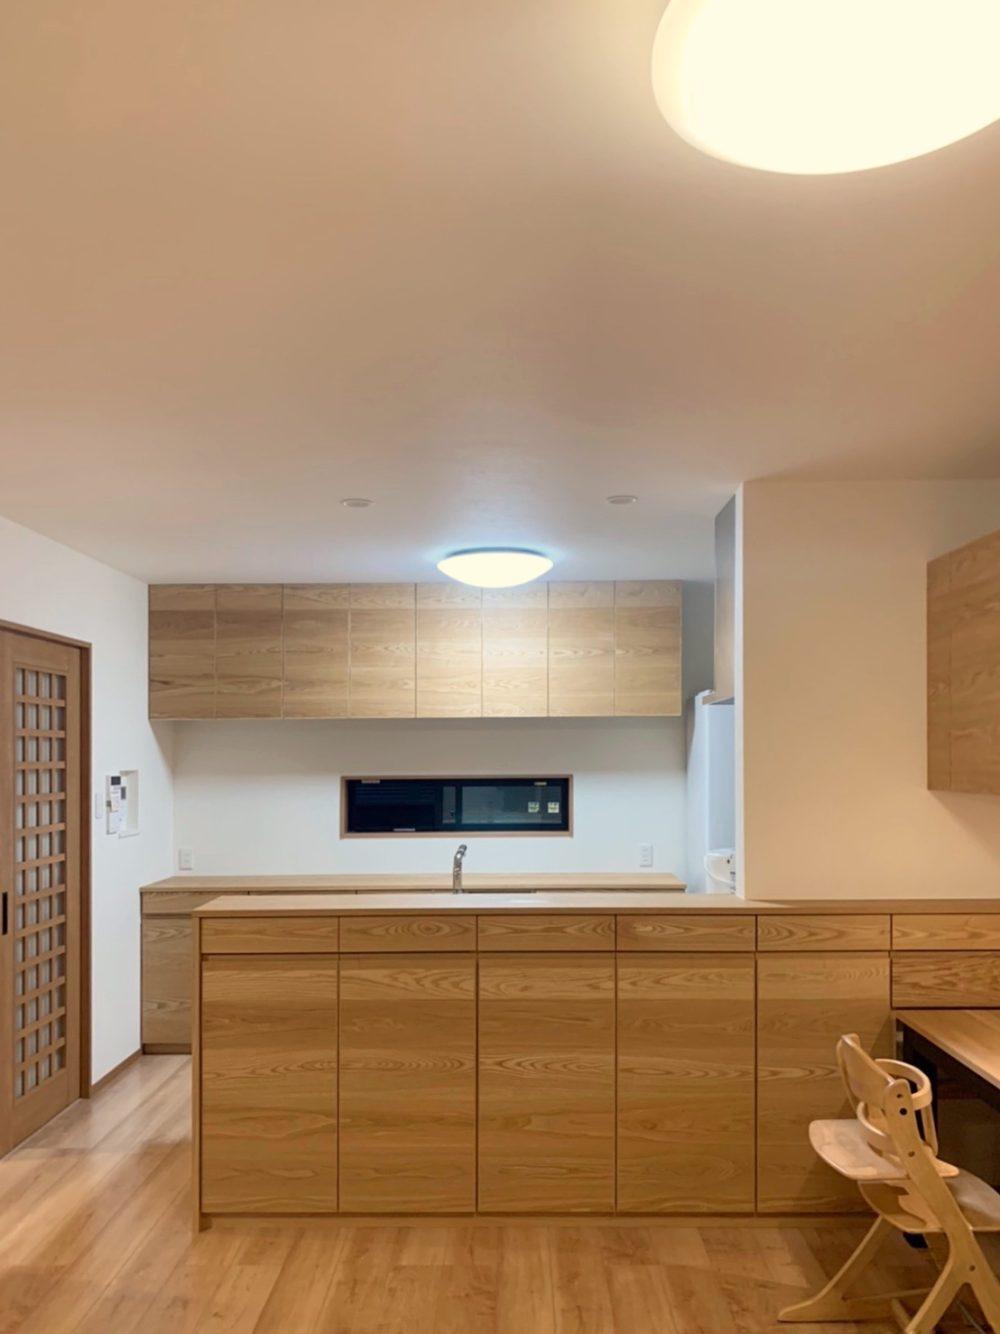 オーダー家具・カップボード、キッチンカウンター/関西・京都